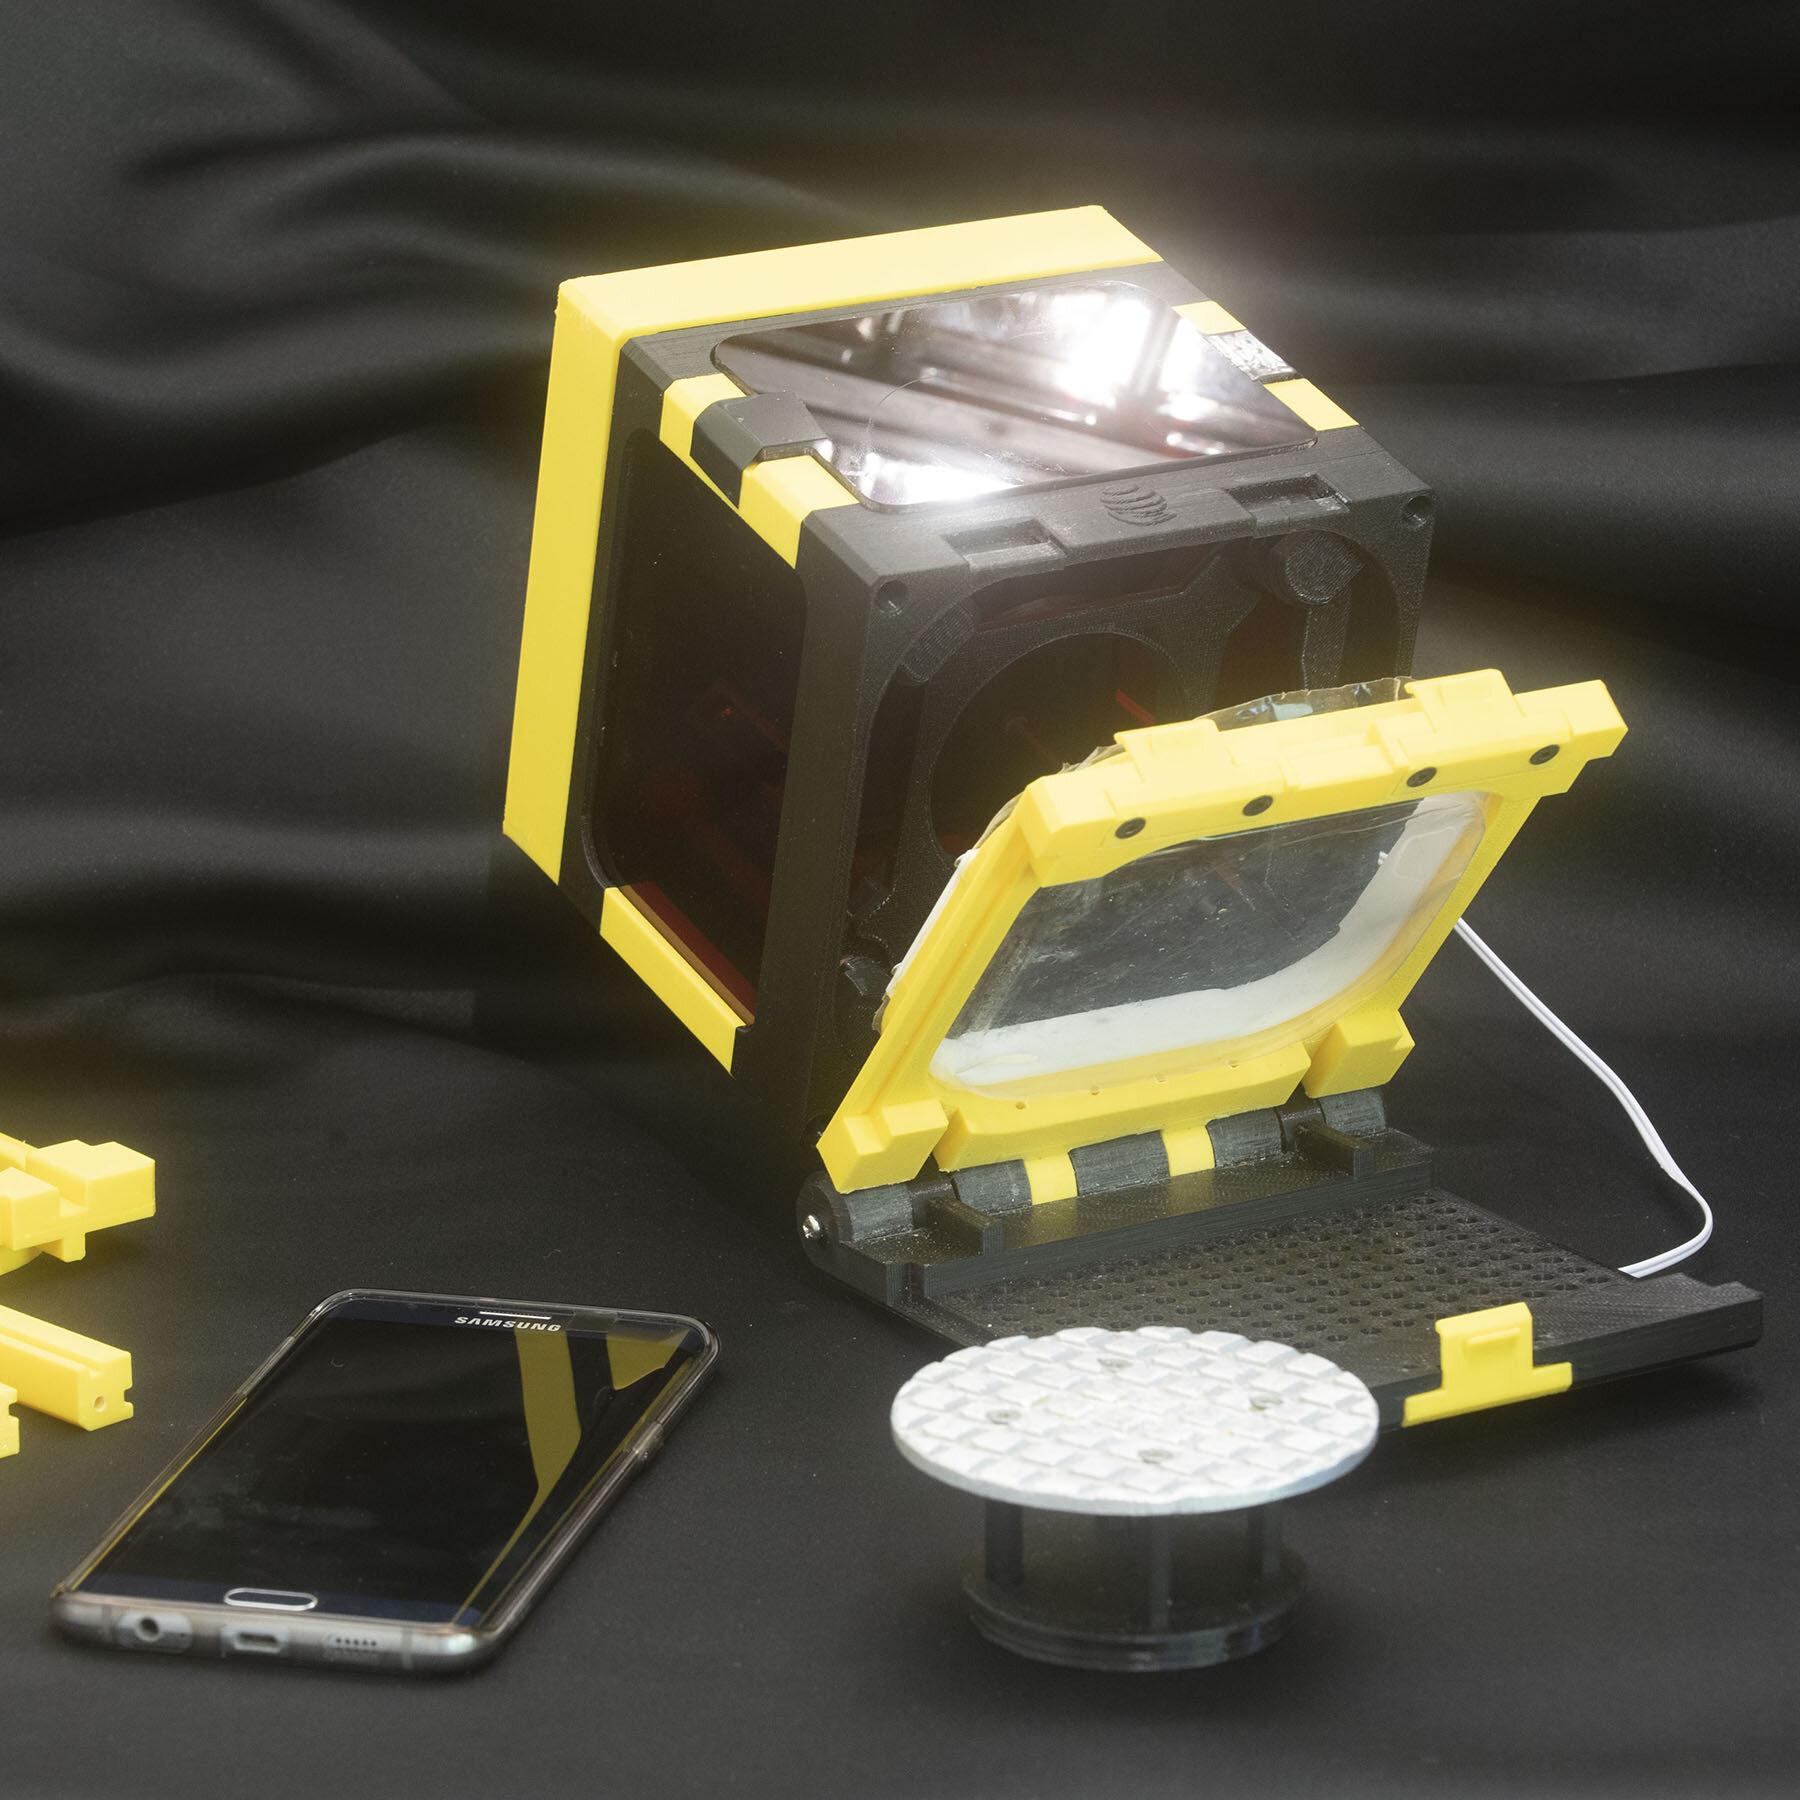 LumiBee_Opensource_3Dprinter.jpg